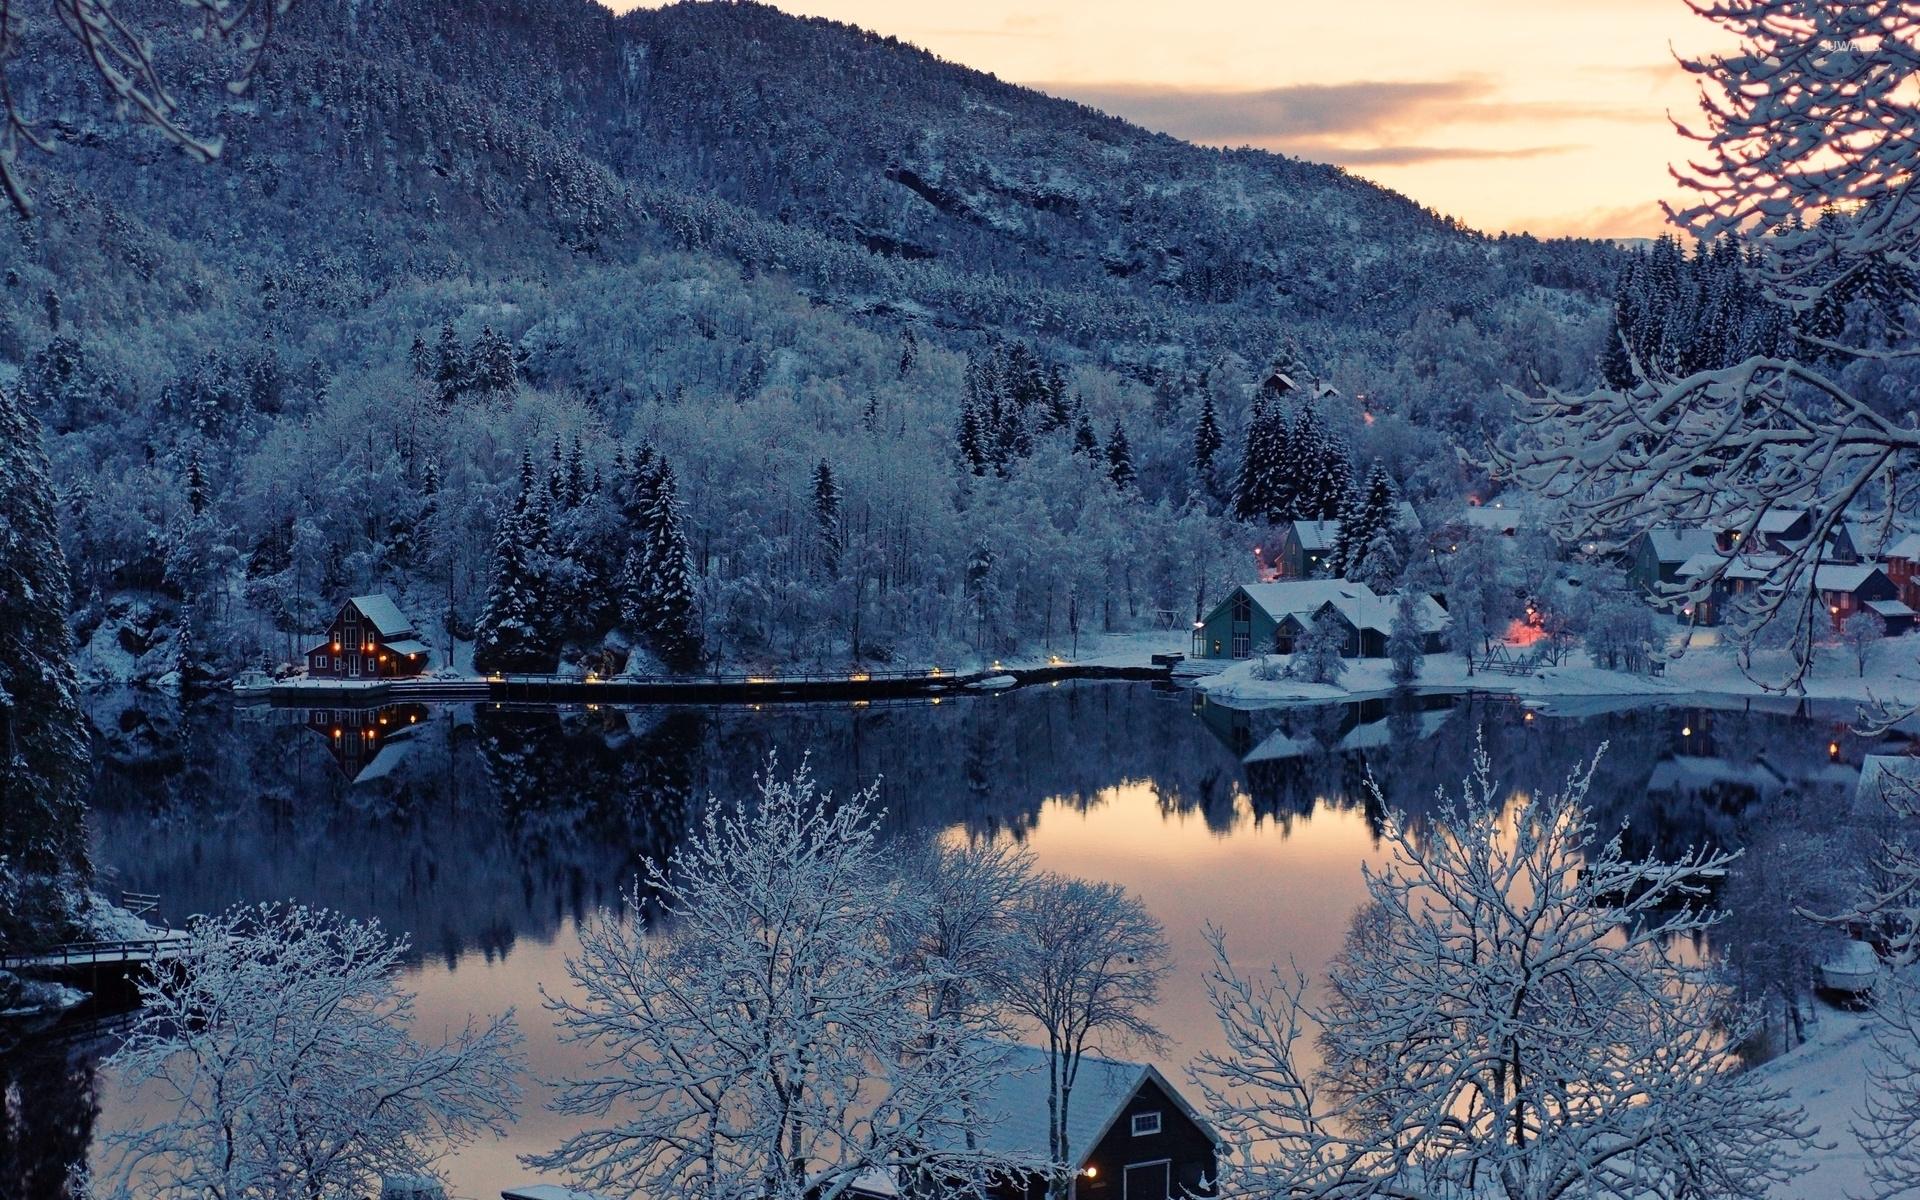 winter snow lake mountain - photo #40